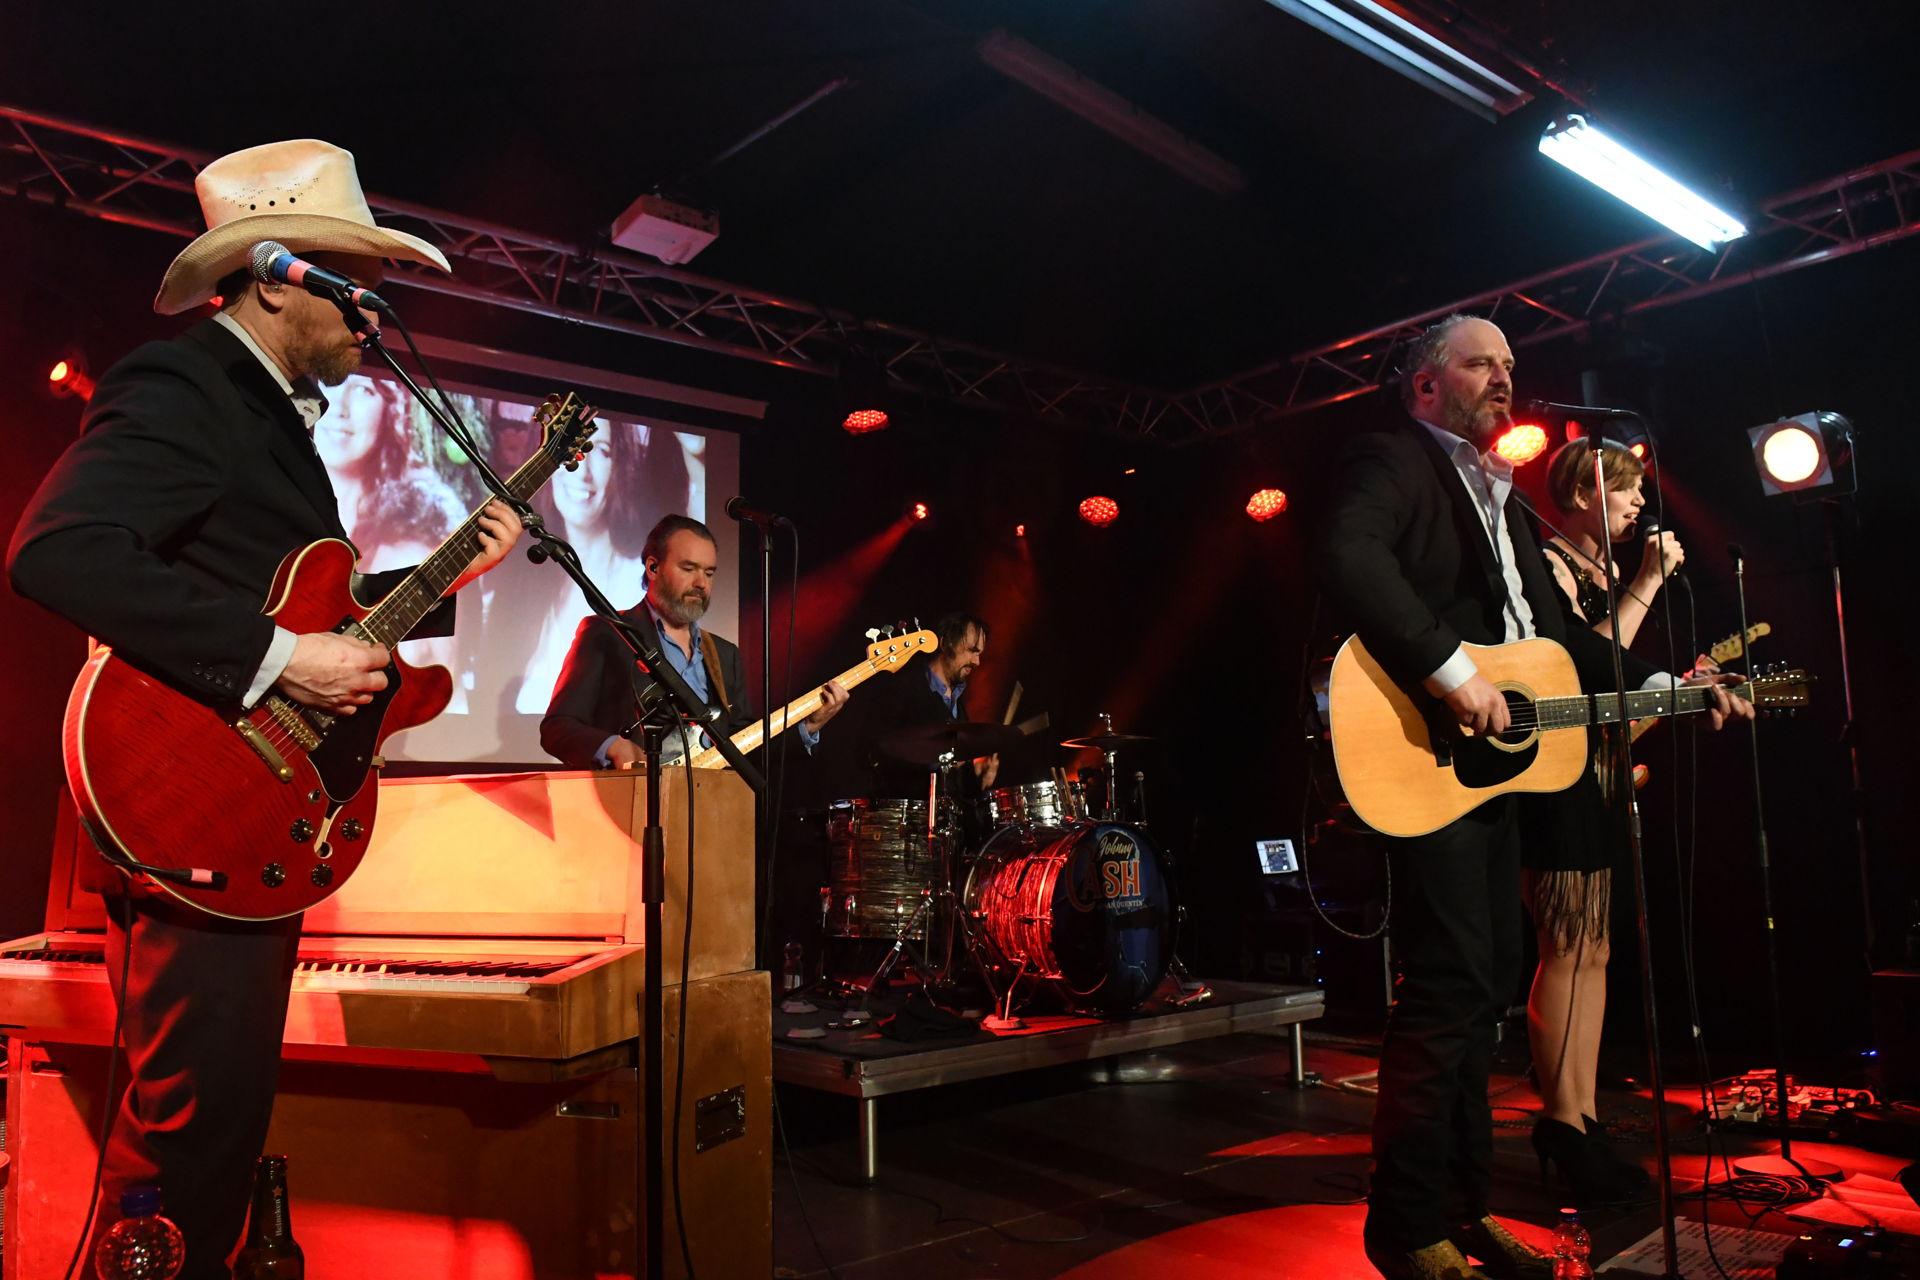 Persbureau Meter maakte foto's van het uitverkochte Def Americans concert in Het Podium. De Johnny Cash Tribute band speelde de nummer van de beruchte plaat San Quentin